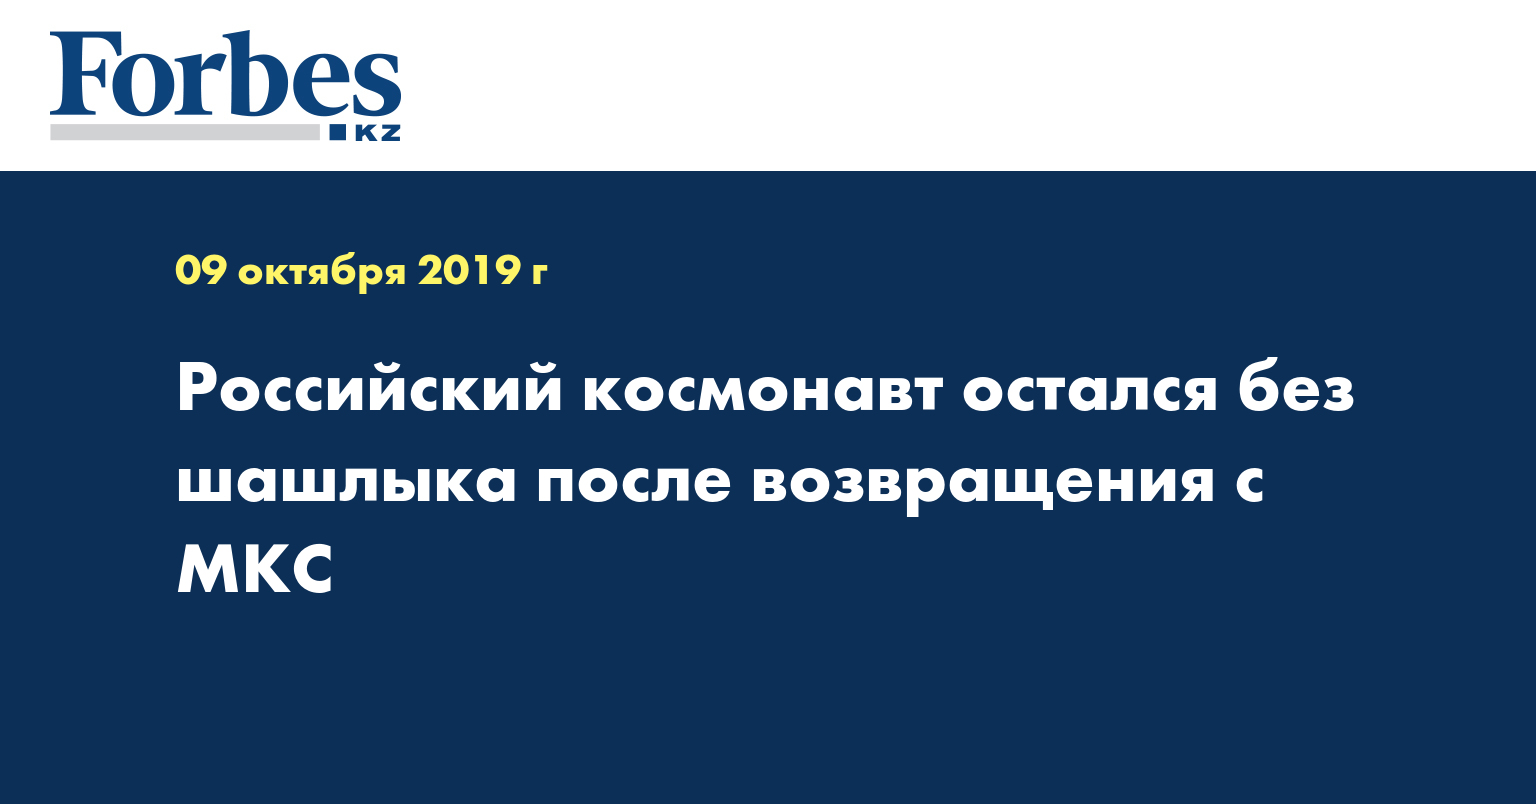 Российский космонавт остался без шашлыка после возвращения с МКС